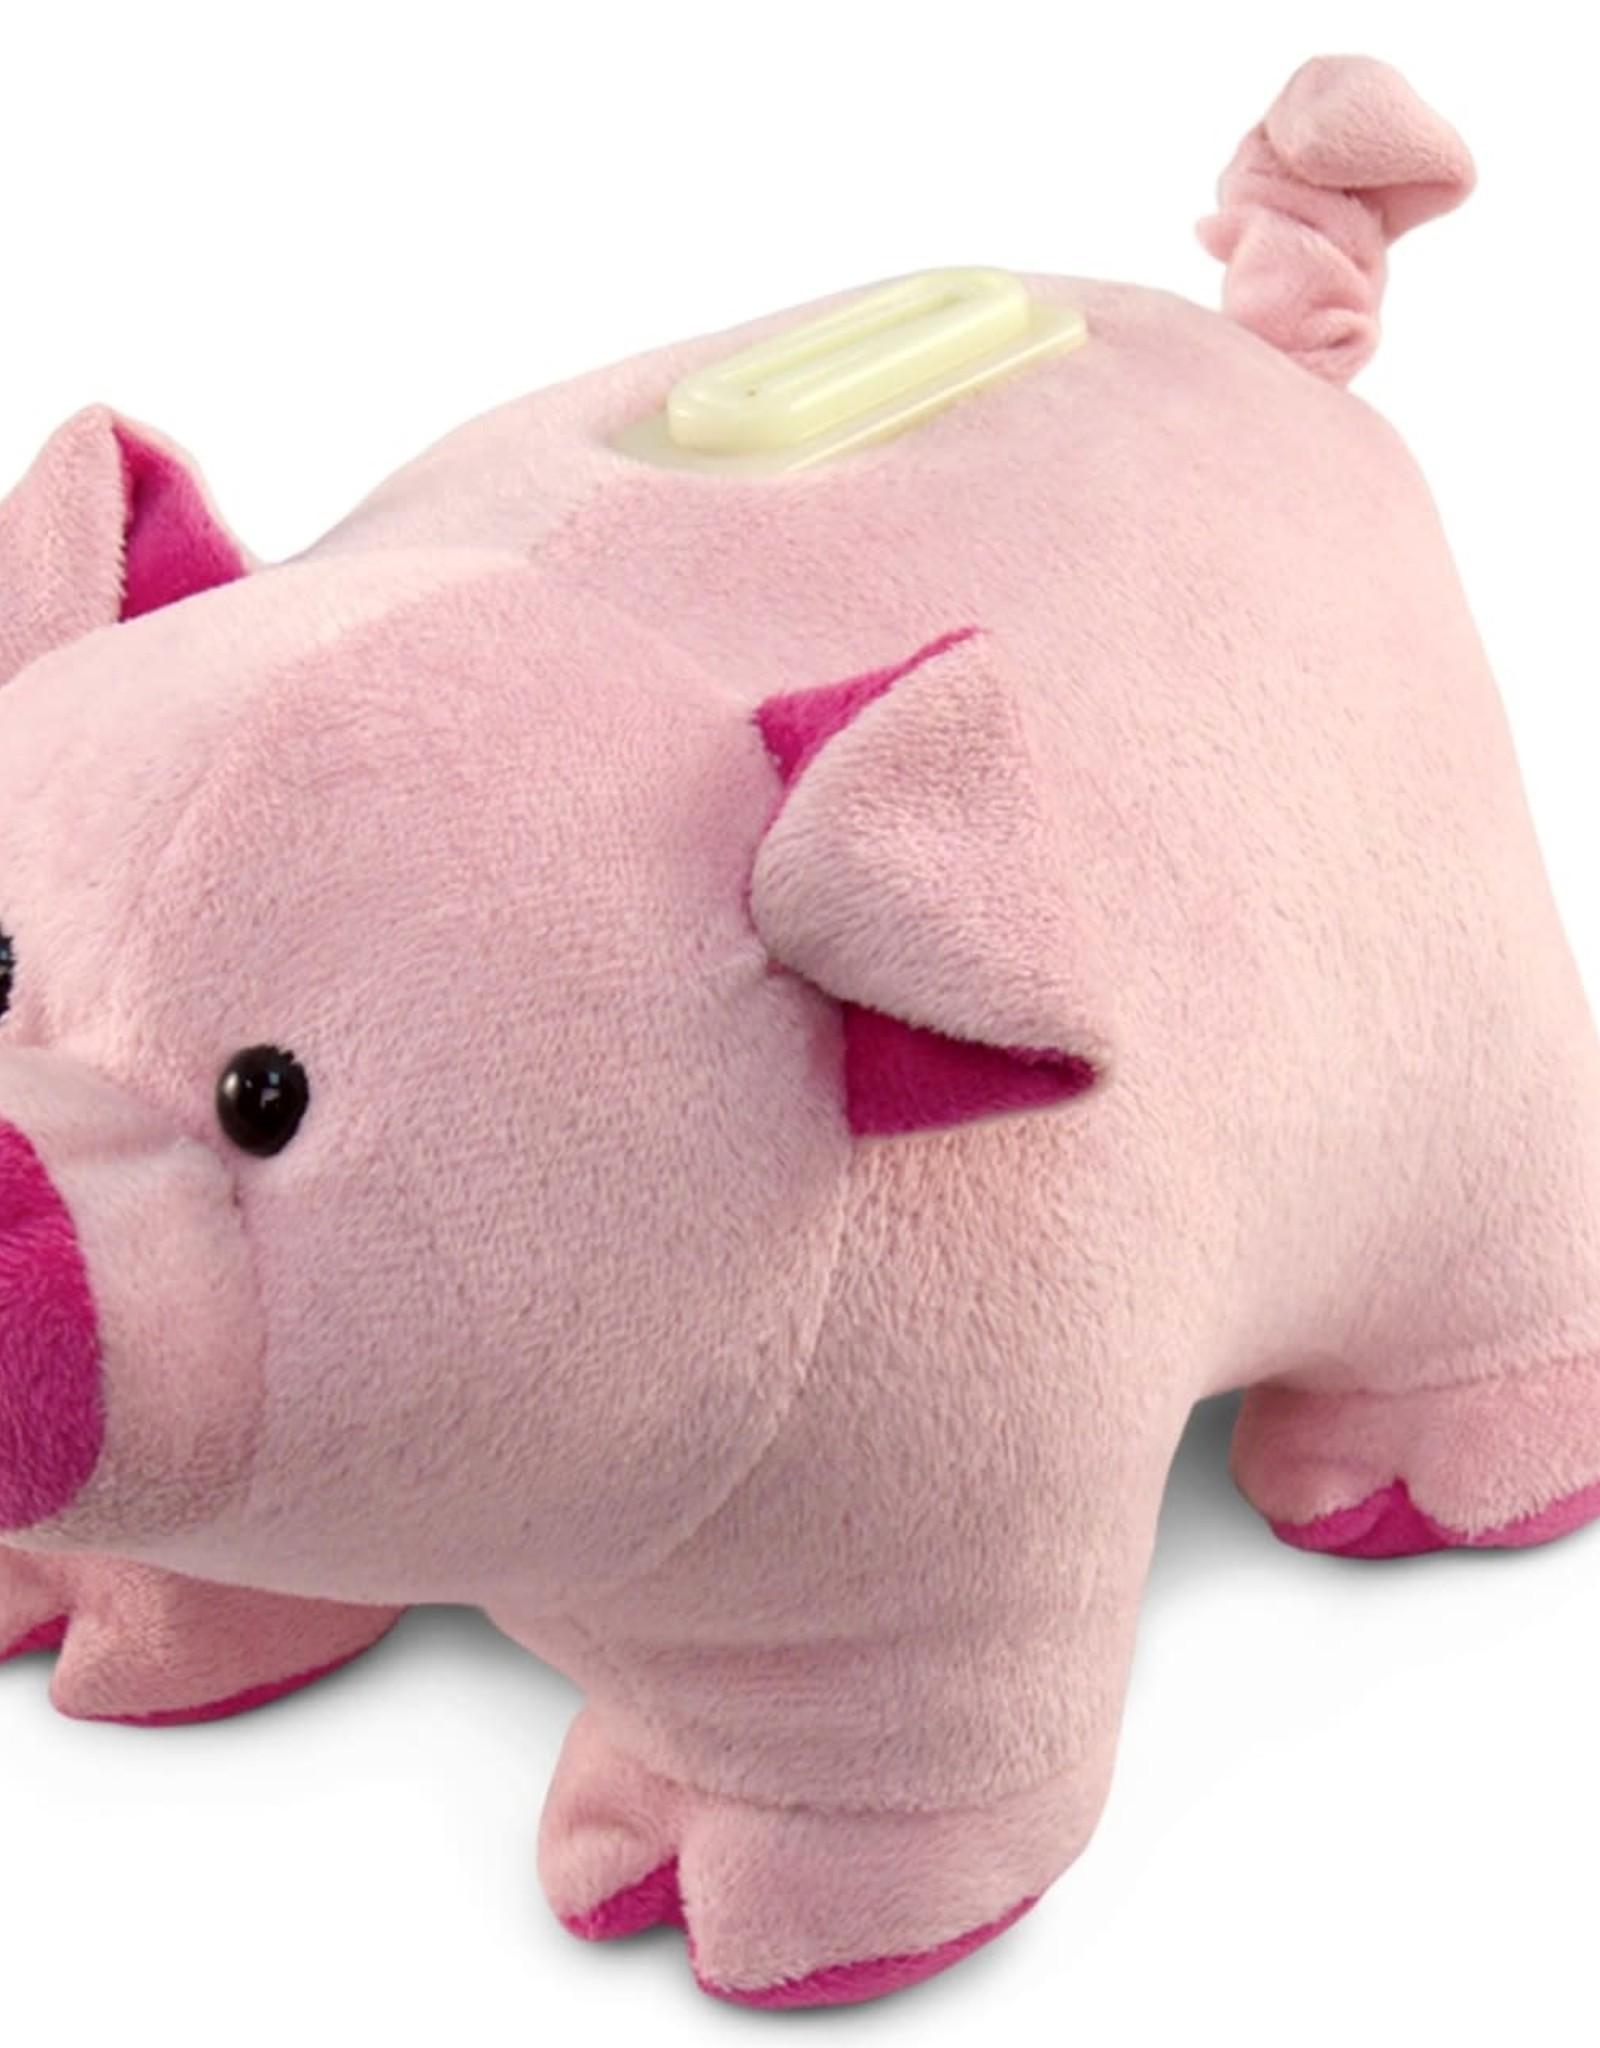 Bank Plush Pig